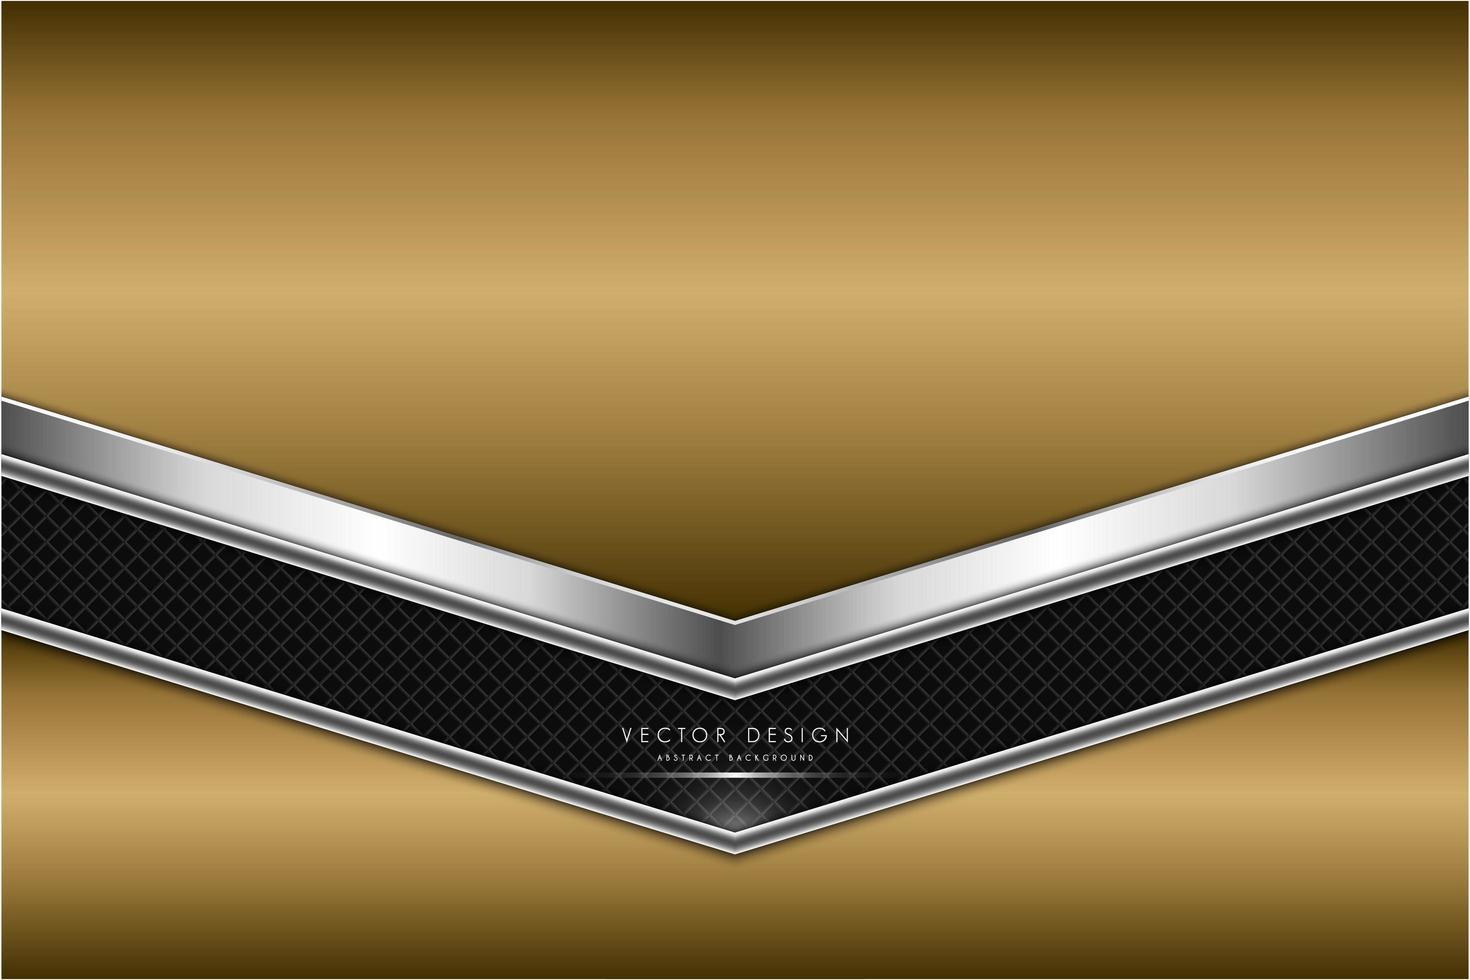 fond métallique or et argent avec fibre de carbone. vecteur